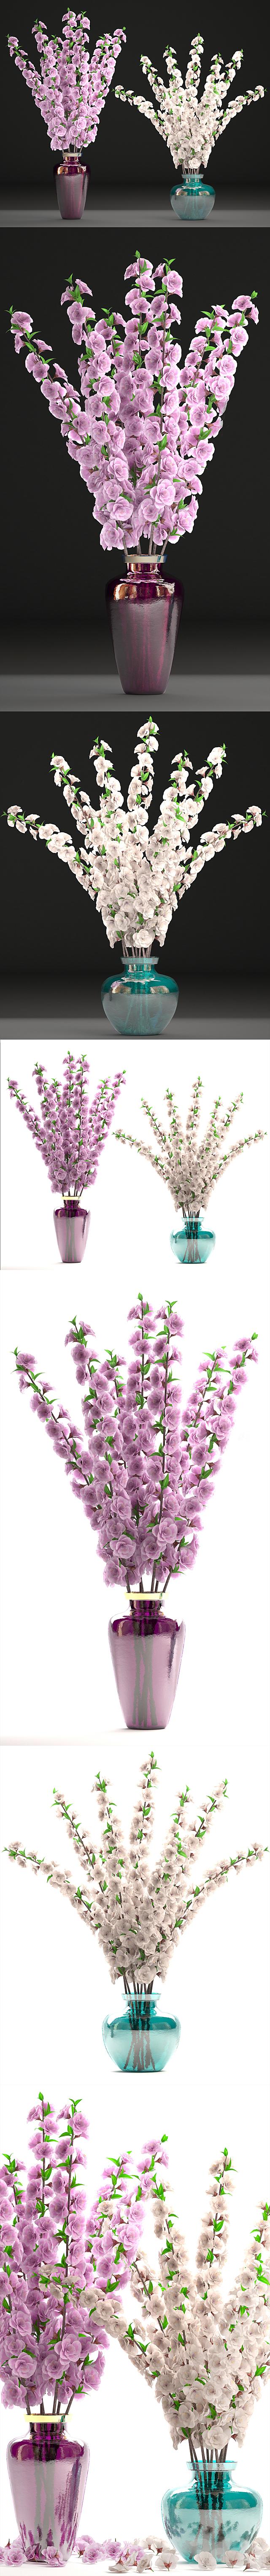 Коллекция цветов 26. Букеты цветущей сакуры